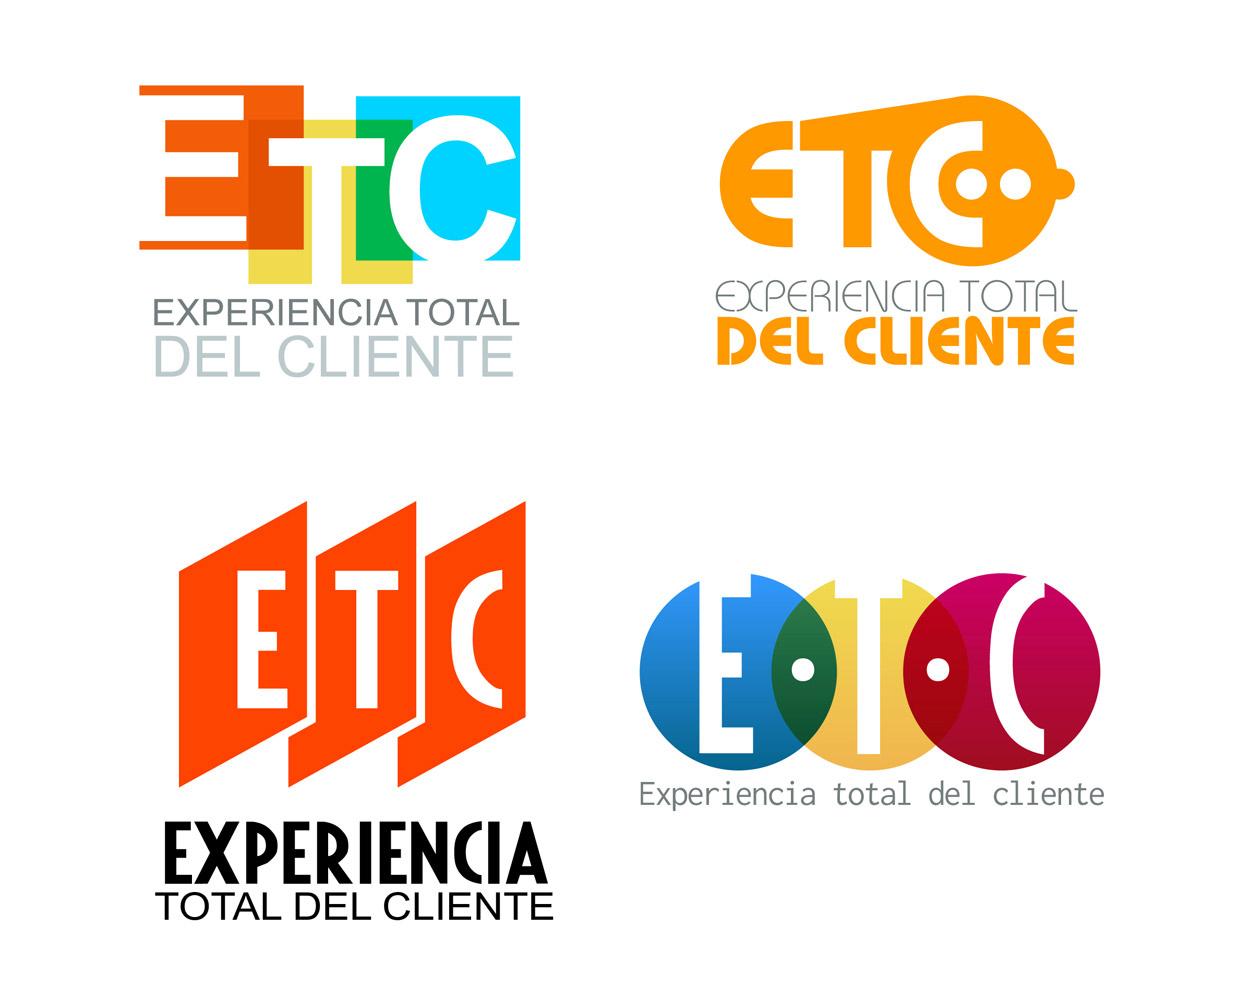 Experiencia Total del Cliente